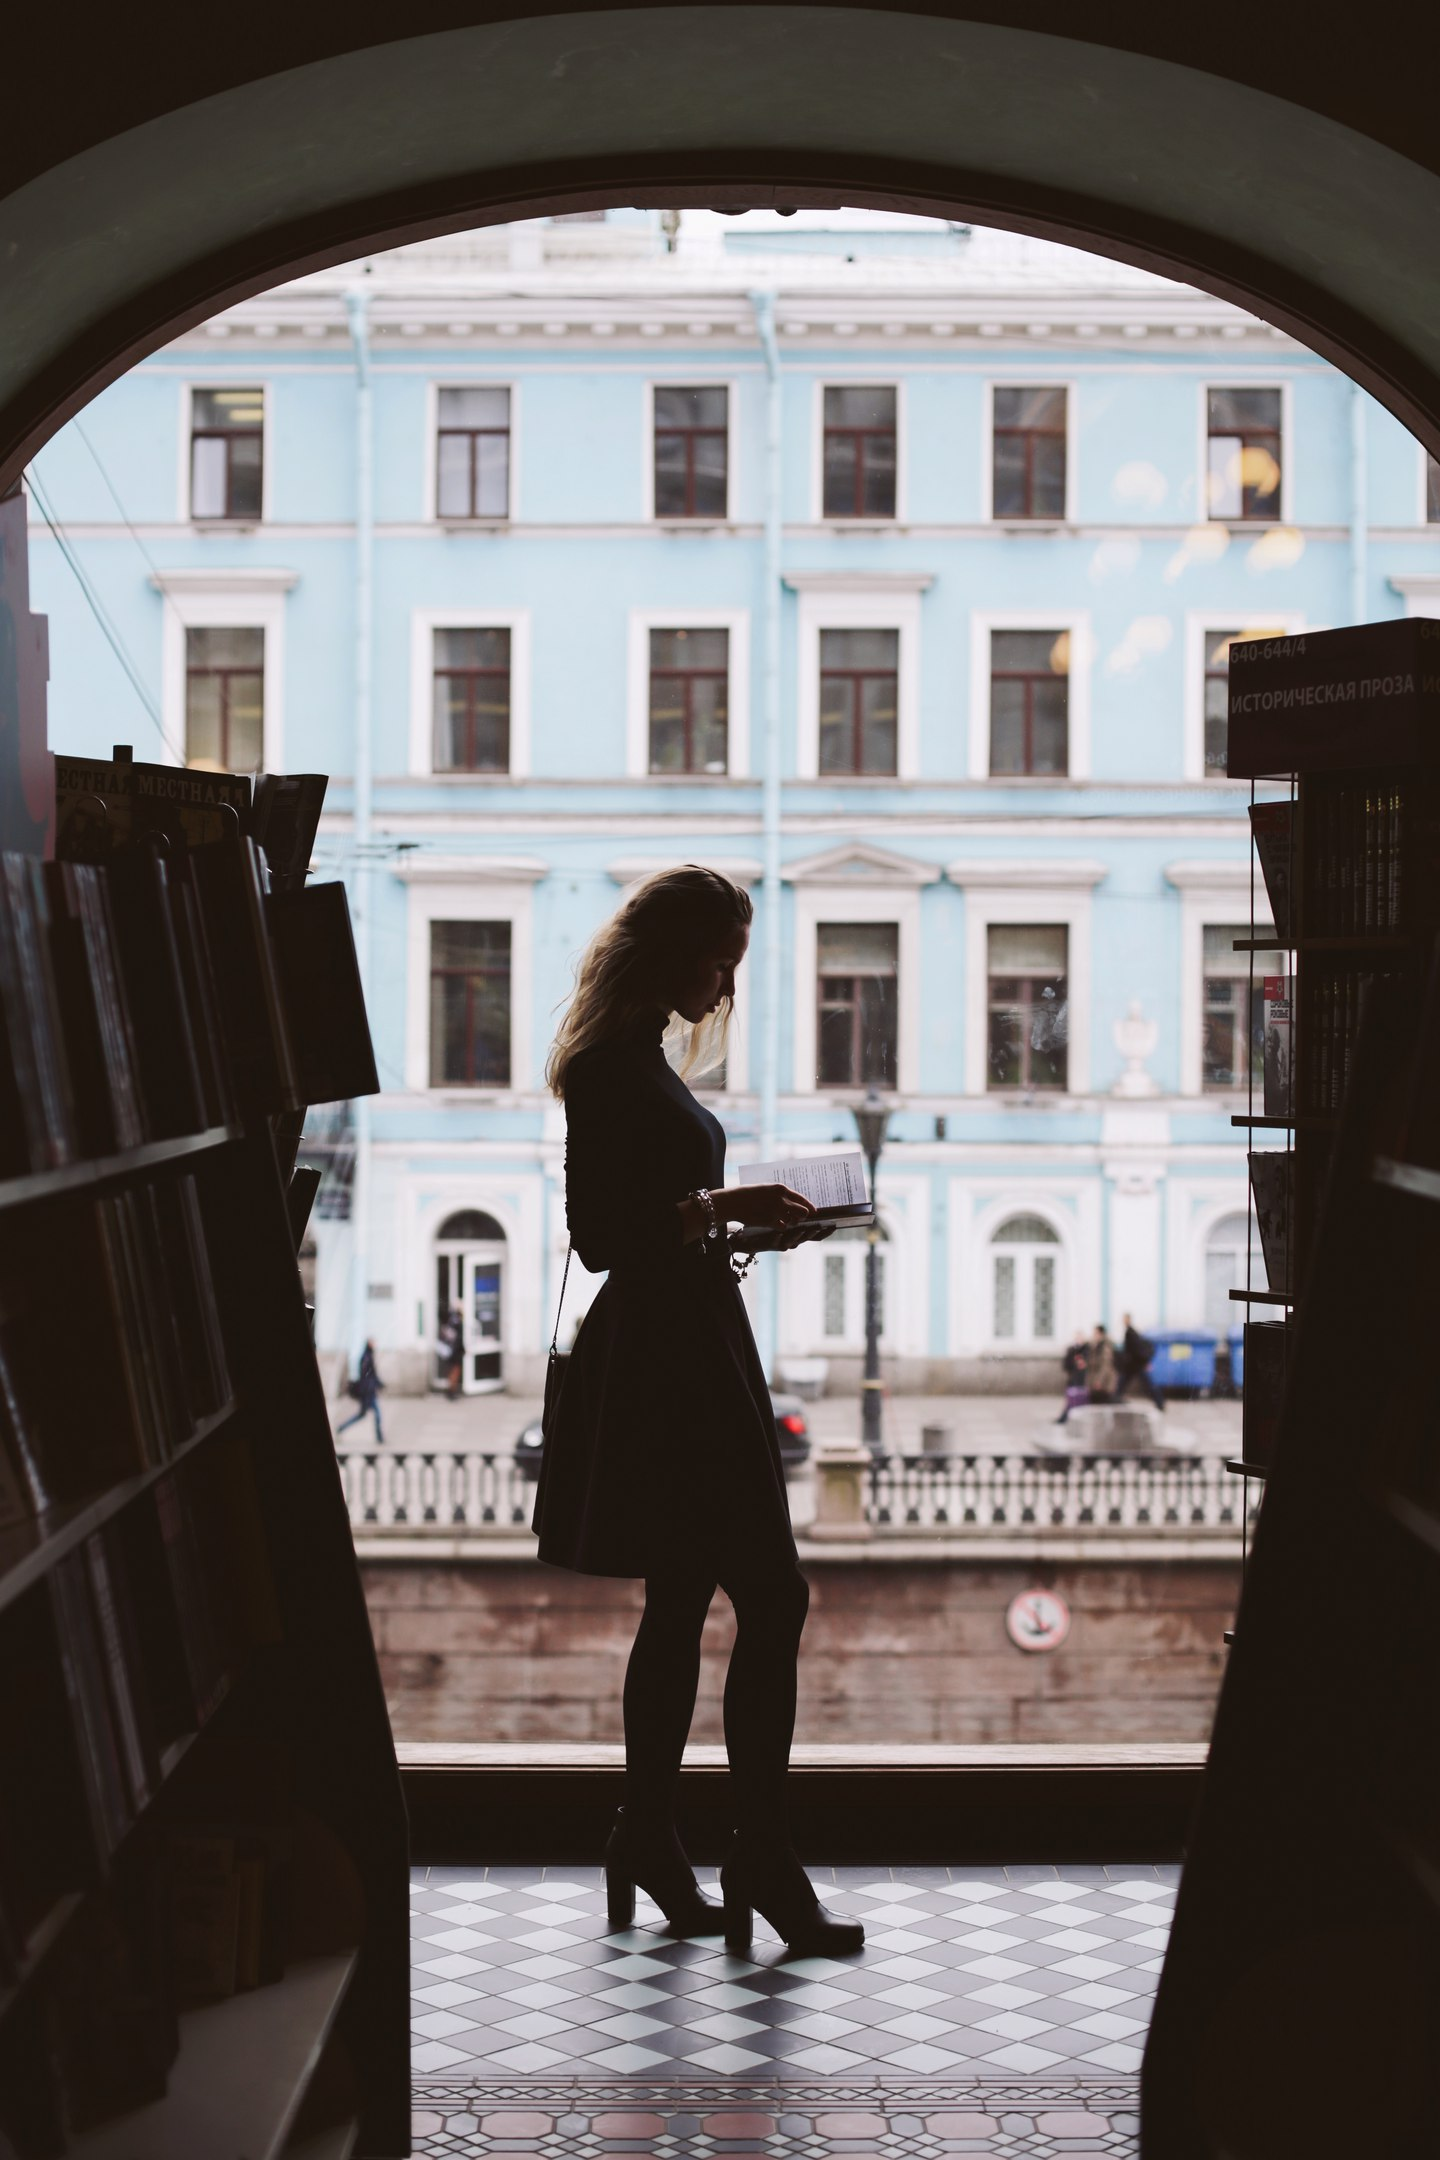 Pdf Book The Sketch Online School Of Sketching By Olga Sorokina